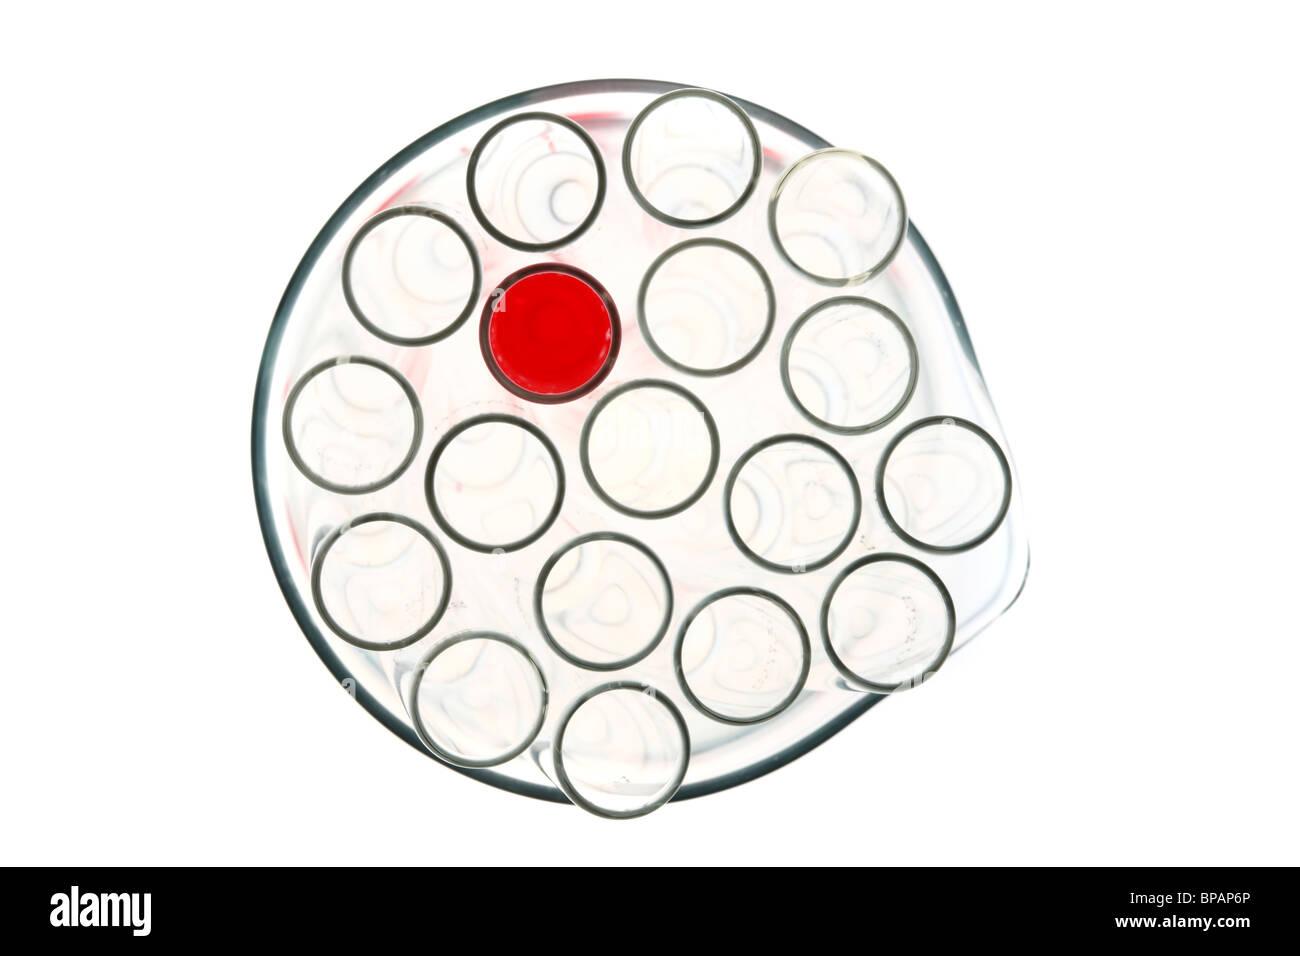 Chemikalien in Reagenzgläser. Flüssige Chemikalien in einem chemischen Labor. Stockbild